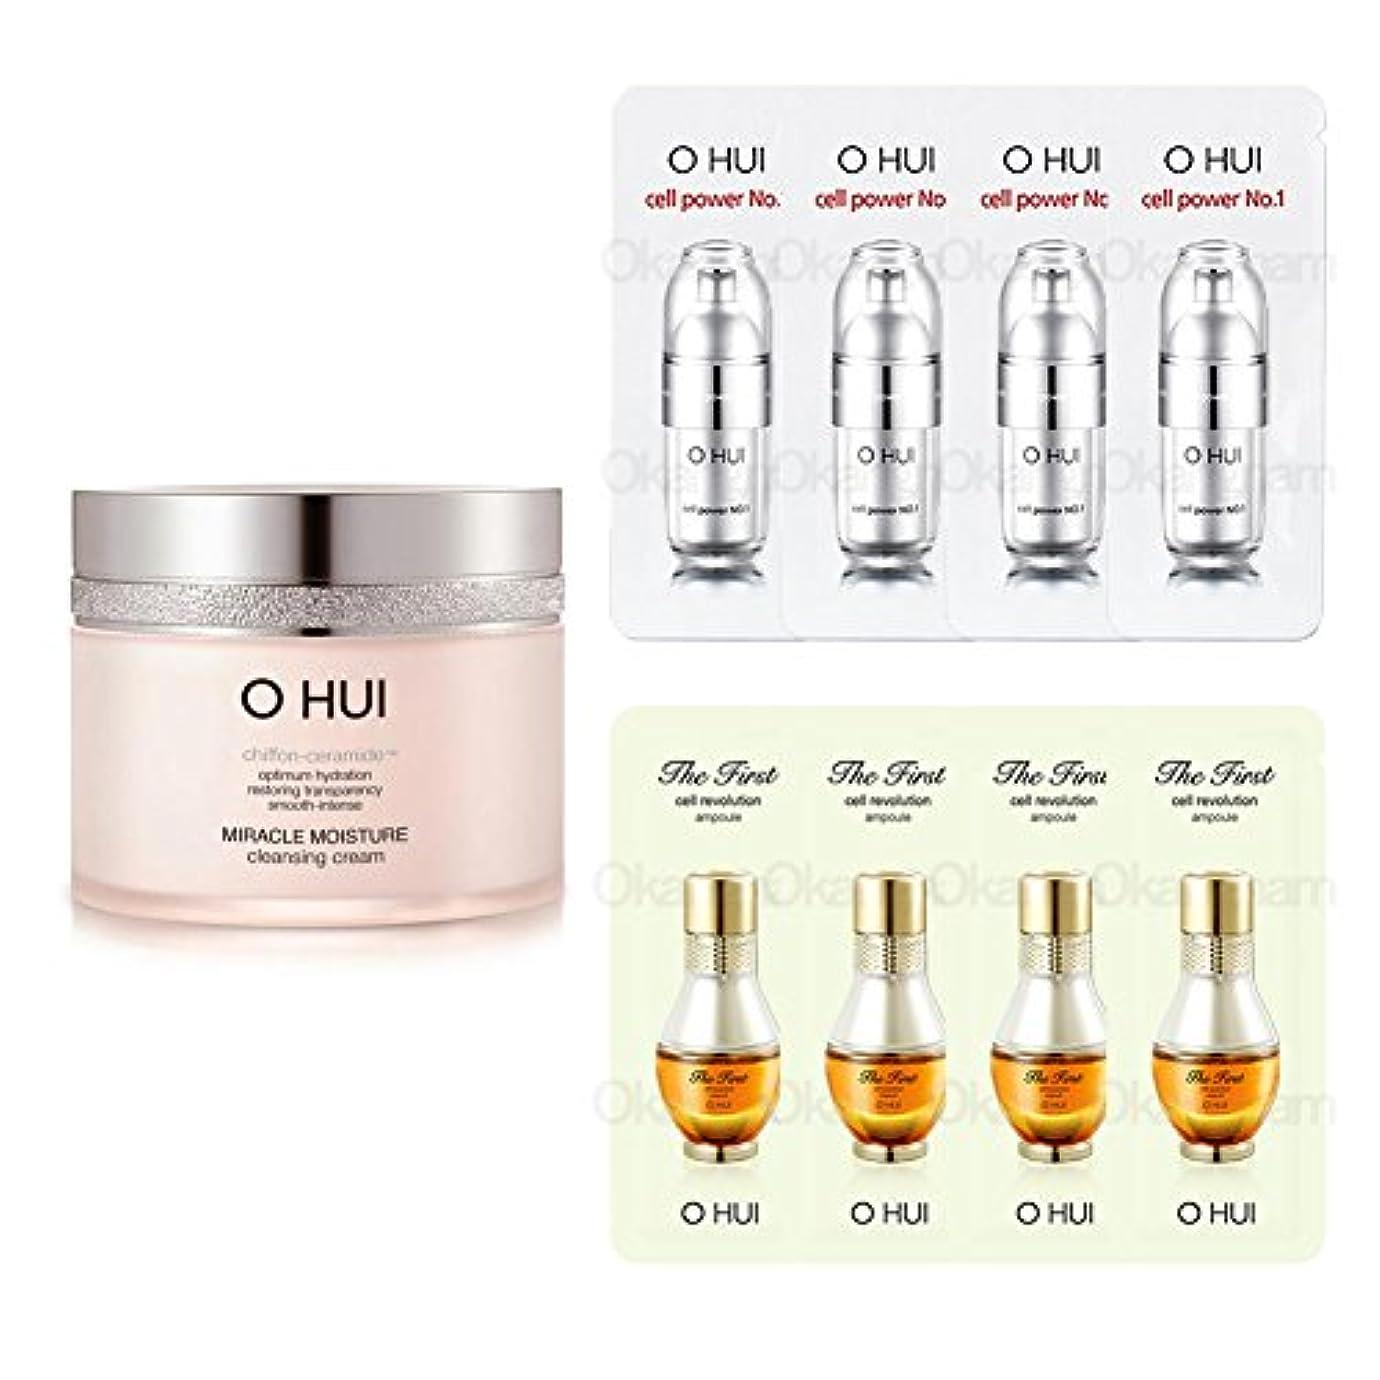 下こどもセンター悲しいことに[オフィ/ O HUI]韓国化粧品 LG生活健康/OHUI Miracle Moisture Cleansing Cream/ミラクル モイスチャー クレンジング クリーム200ml +[Sample Gift](海外直送品)